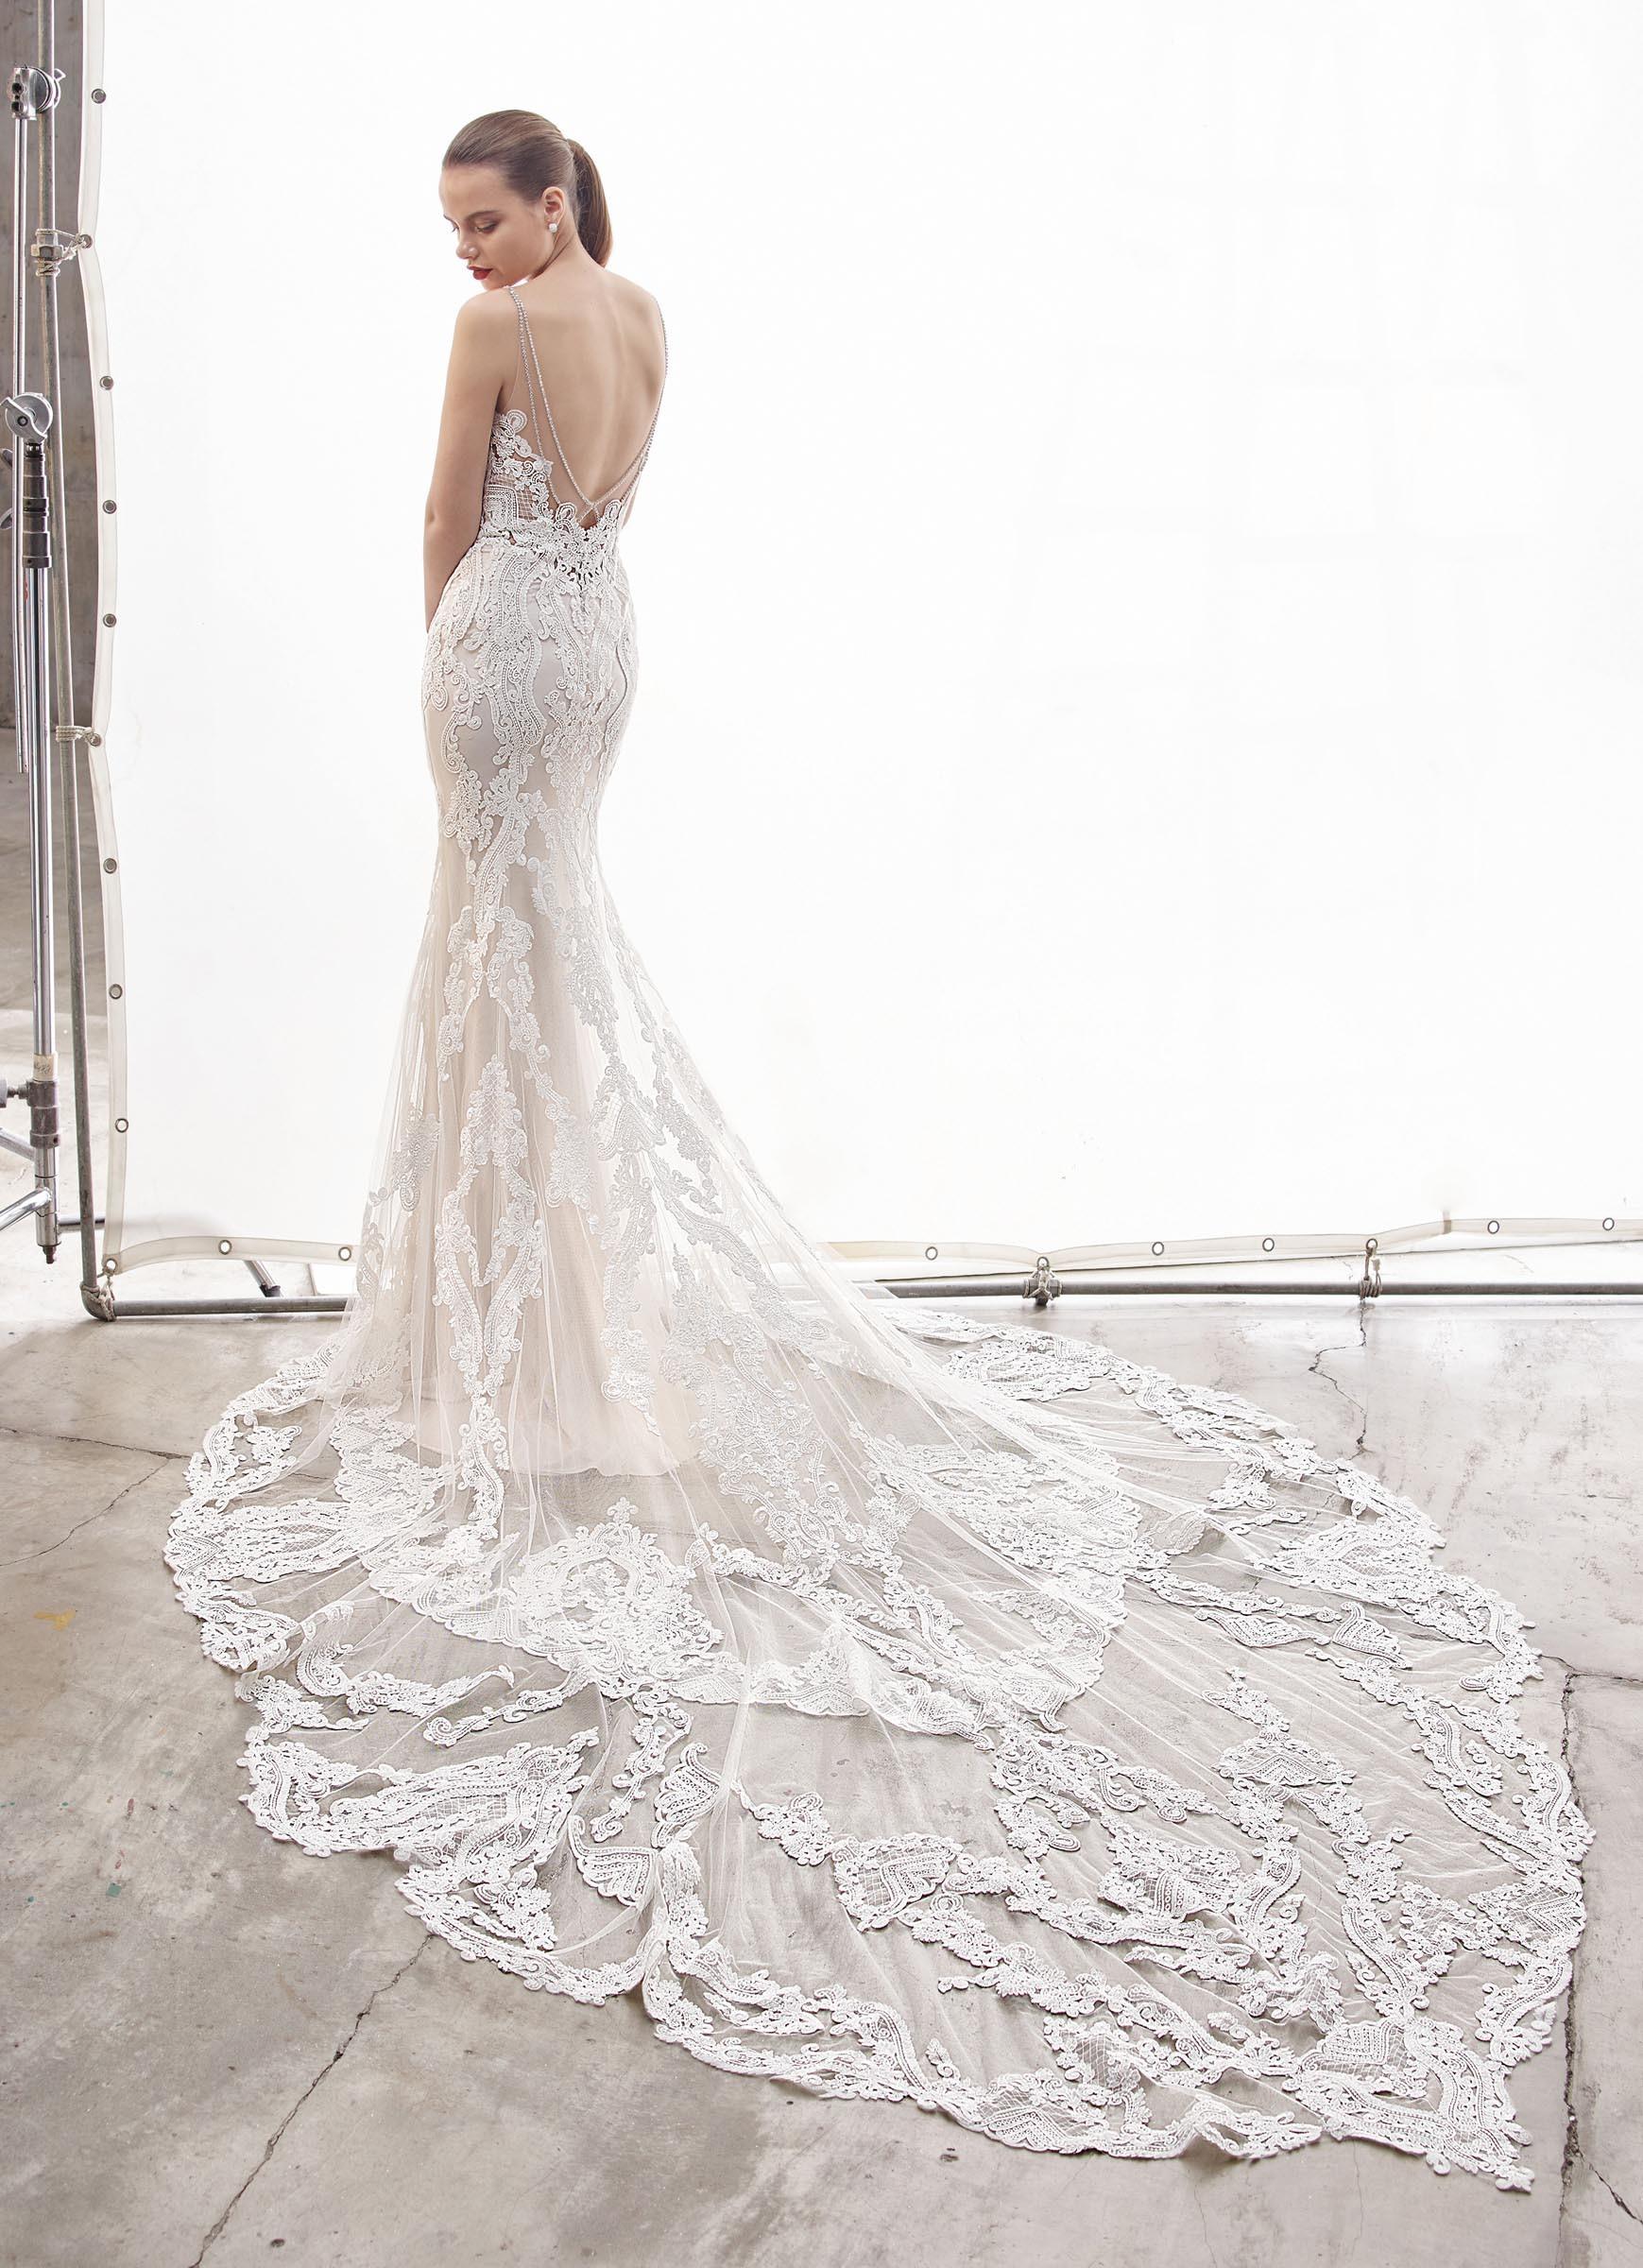 Brautkleid im Fit-and-Flare-Schnitt aus Spitze mit transparenter Korsage, Spaghettiträgern und Schleppe von Enzoani, Modell Nanette, Rückansicht